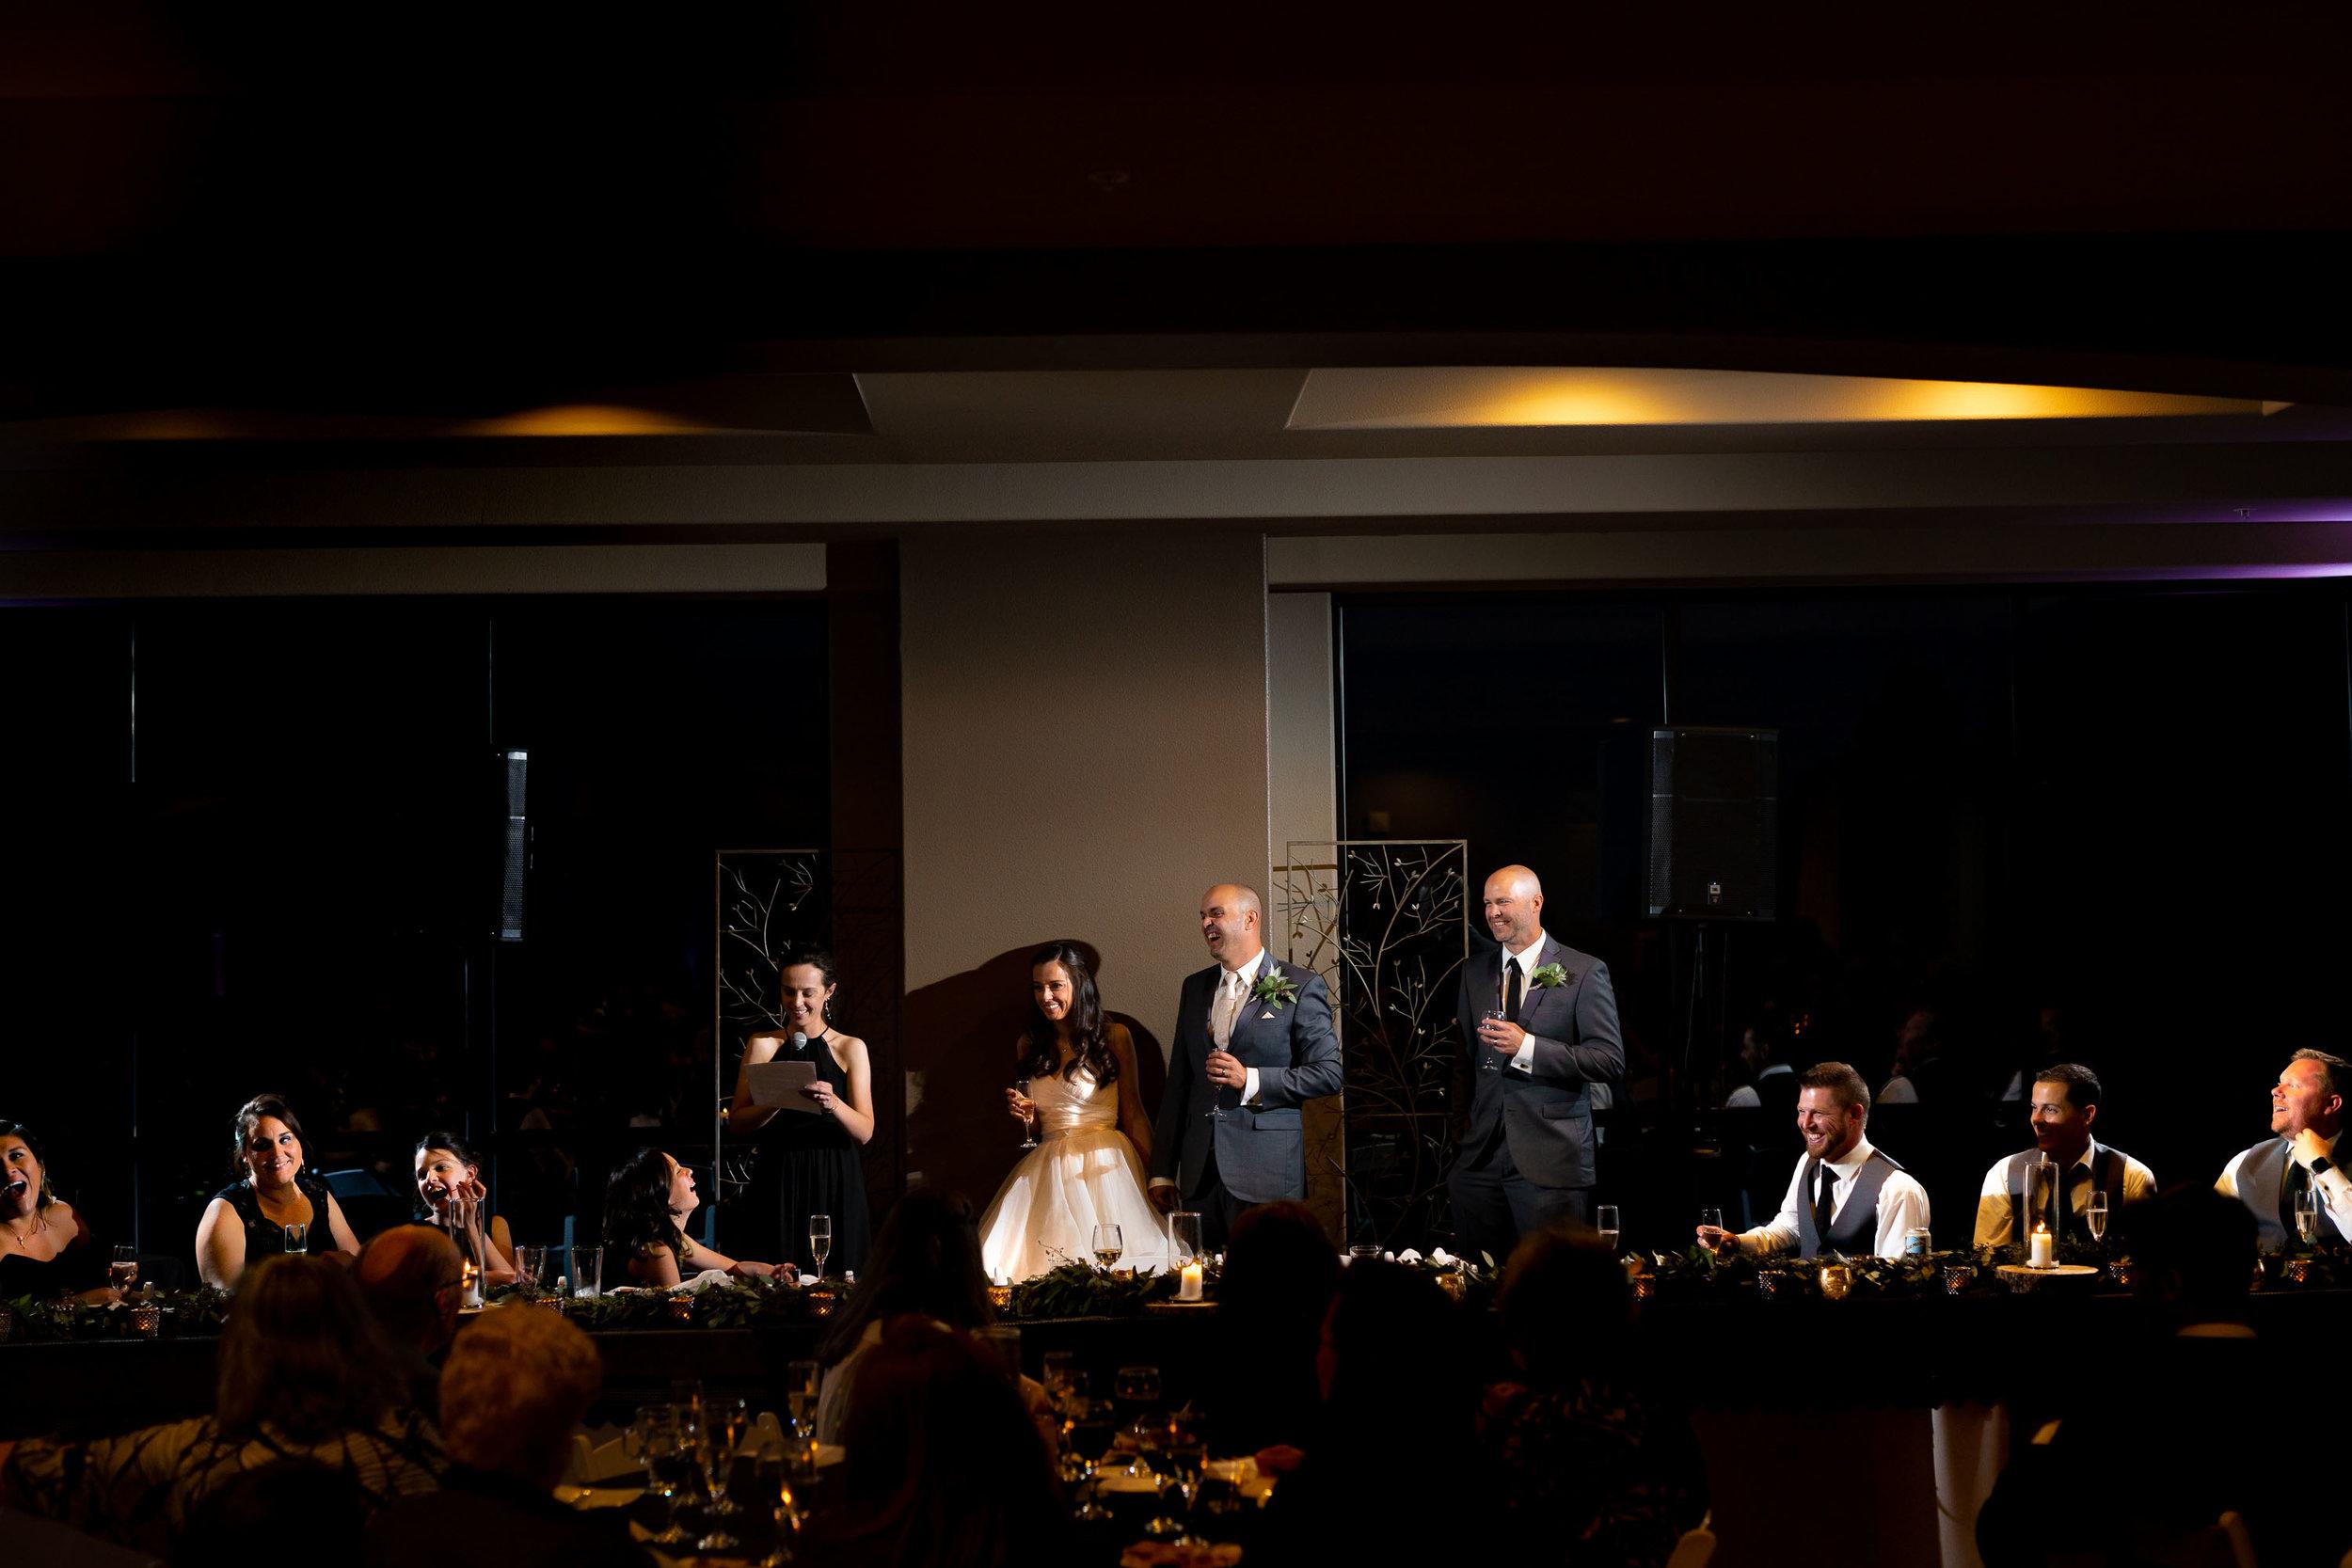 Pines_Genesee_Colorado_Wedding-87.jpg